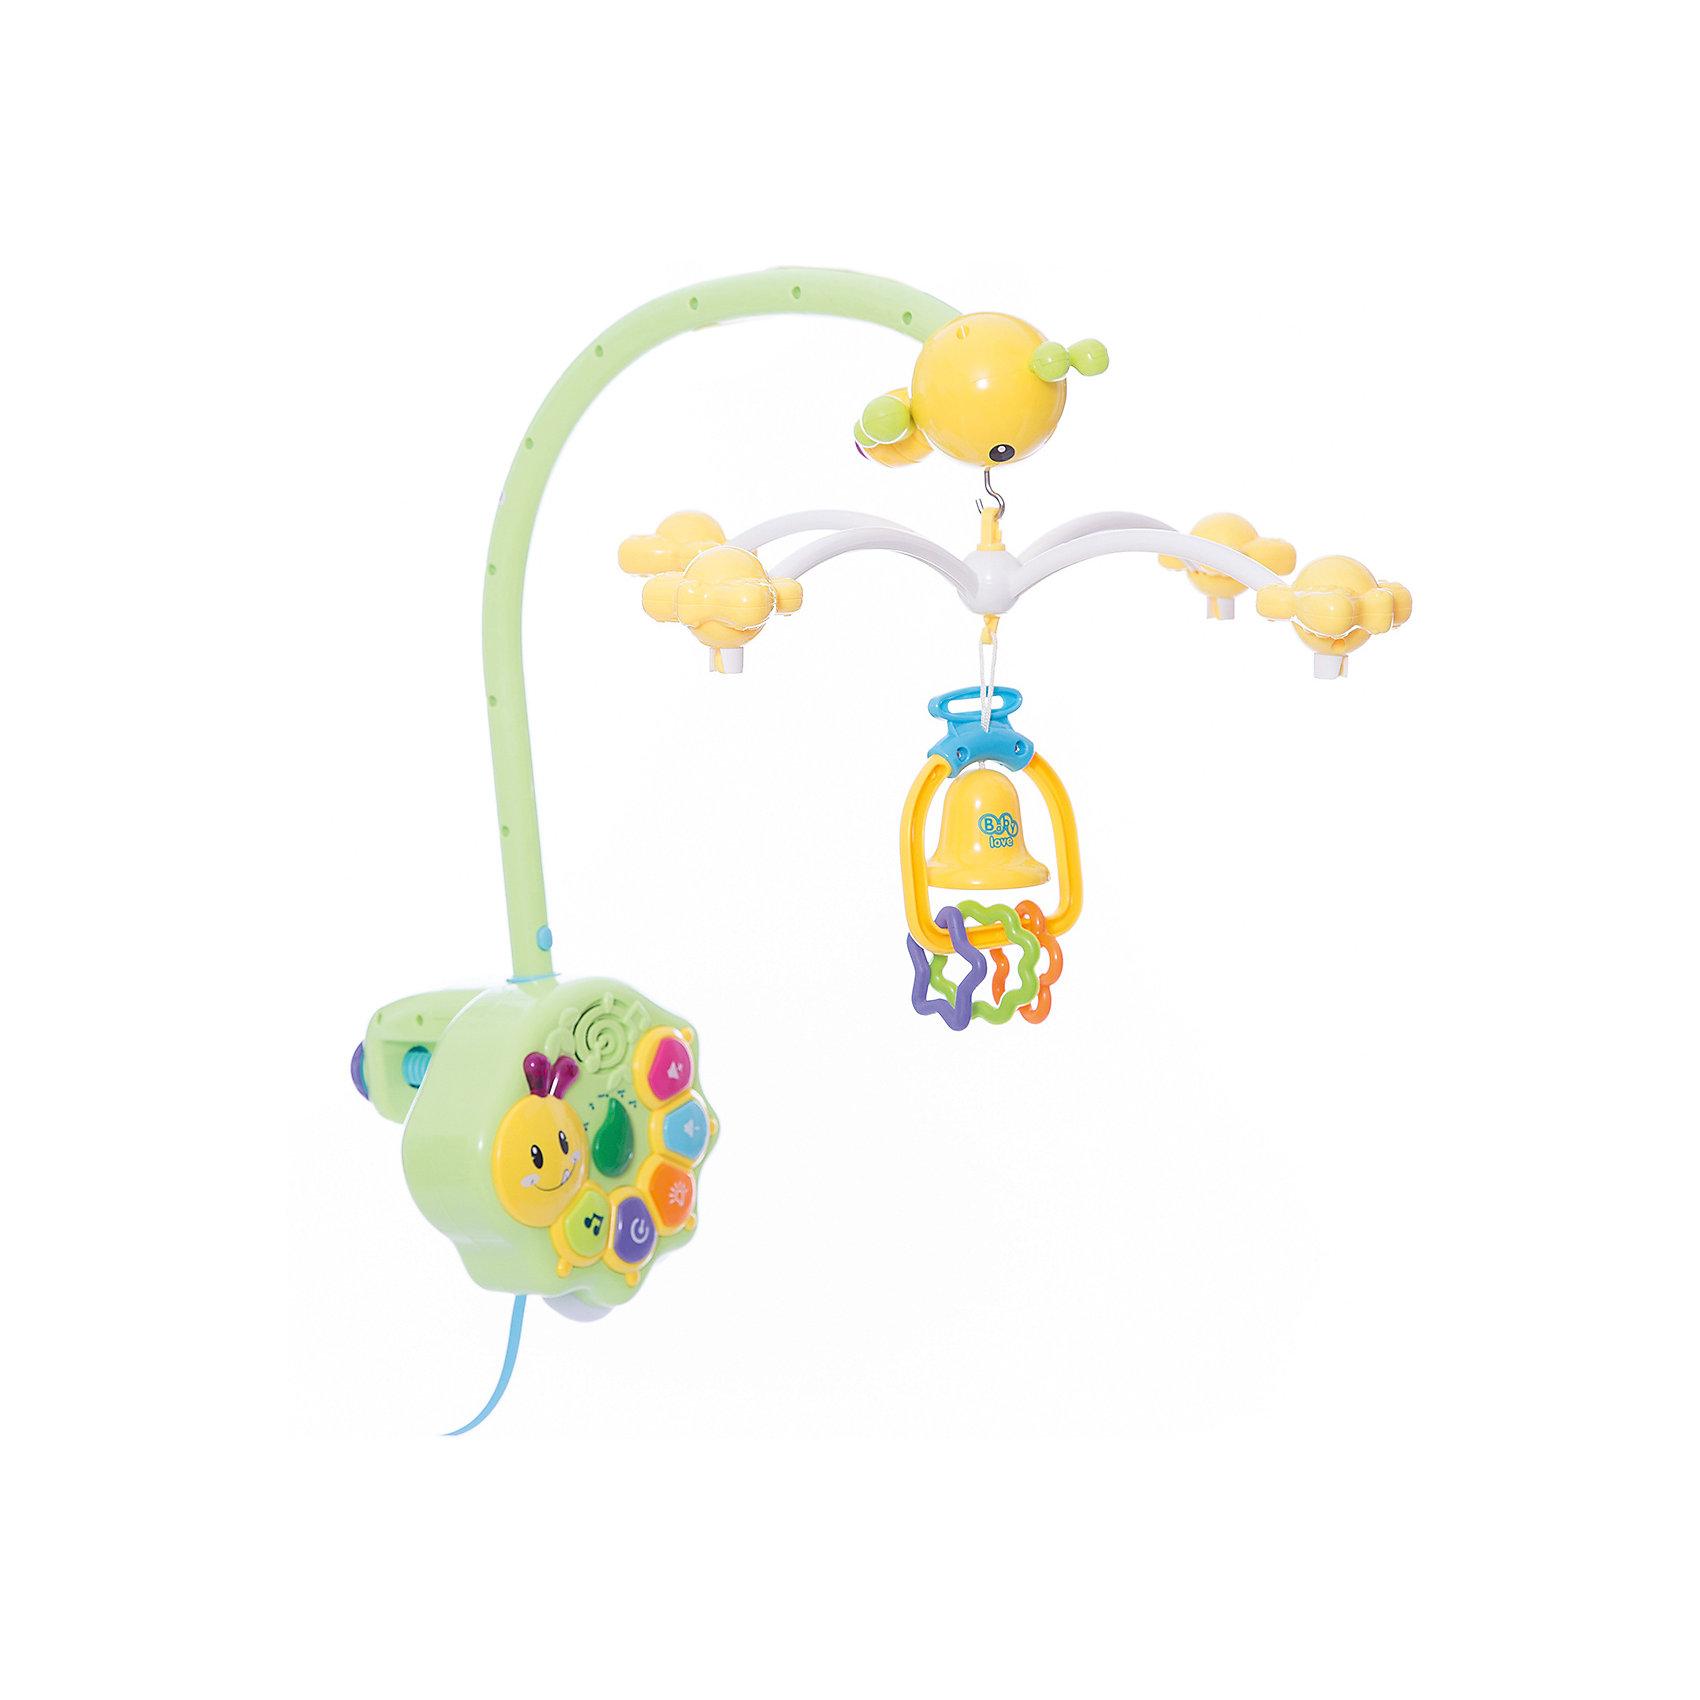 Детская игрушка Музыкальная карусельМузыкальная подвеска работает по принципу карусели и предназначена для крепления к детской кроватке. Все элементы подвески выполнены в ярких цветах, что привлечет внимание малыша, который с удовольствием будет наблюдать танец красочных бабочек и пчелок. На пчелке, во время вращения подвесных игрушек, загорается подсветка. Музыкальная подвеска будет способствовать развитию у Вашего малыша концентрации внимании, зрительного и звукового восприятия. Карусель выполнена из высококачественных материалов и украшена яркими подвесными игрушками. У изделия можно выбрать время исполнения мелодий (15, 30 и 60 минут) кнопку выбора одной из десяти мелодий, уровень громкости, режим ночника, отключения вращения подвесных игрушек. Для работы блока необходимы батарейки AА 4 шт., для пульта АА 2шт., (в комплект не входят).<br><br>Дополнительная информация: <br><br>- возраст: любой возраст<br>- пол: для мальчиков и девочек<br>- цвет: голубой, зеленый, оранжевый, желтый.<br>- тип батареек: на батарейках.<br>- материал: пластик.<br>- размер игрушки: 34 * 44 * 16 см.<br>- упаковка: картонная коробка блистерного типа.<br>- регулировка громкости: есть.<br><br>Детскую  игрушку  Музыкальная карусель можно купить в нашем интернет-магазине.<br><br>Ширина мм: 340<br>Глубина мм: 180<br>Высота мм: 430<br>Вес г: 1930<br>Возраст от месяцев: -2147483648<br>Возраст до месяцев: 2147483647<br>Пол: Унисекс<br>Возраст: Детский<br>SKU: 4904797